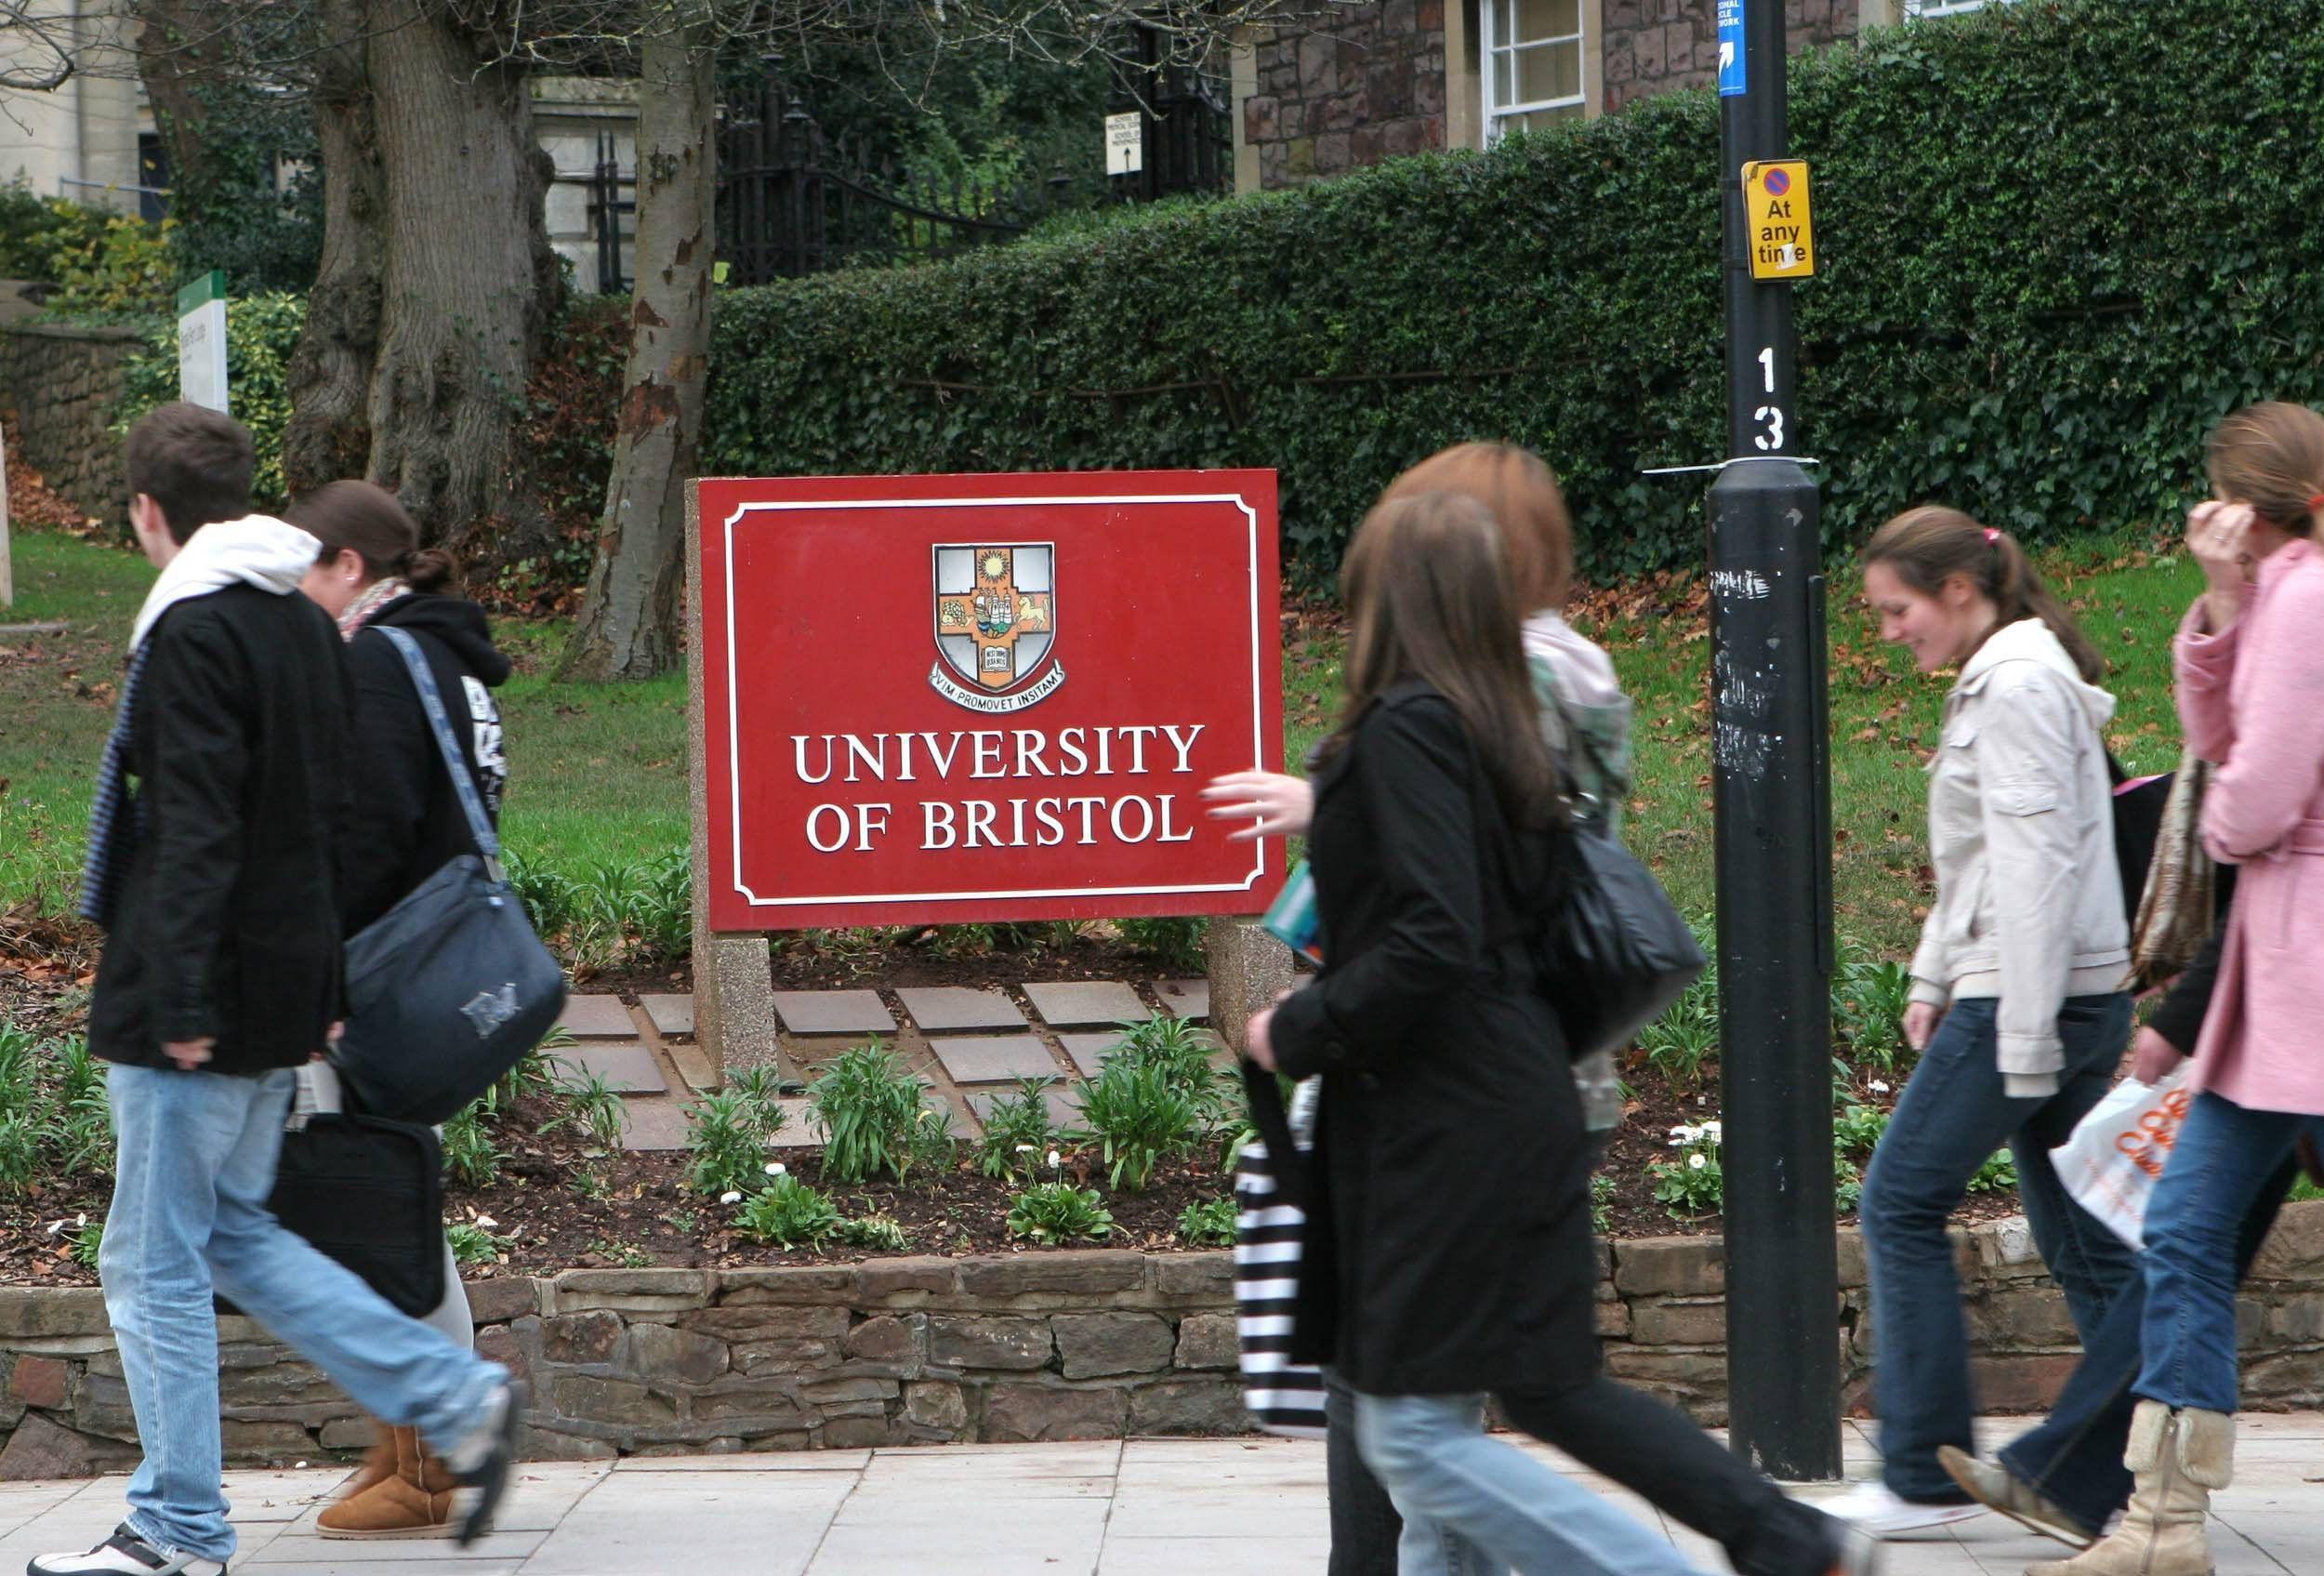 university-of-bristol-ingiltere-bristol-egitim-okul-6.jpg